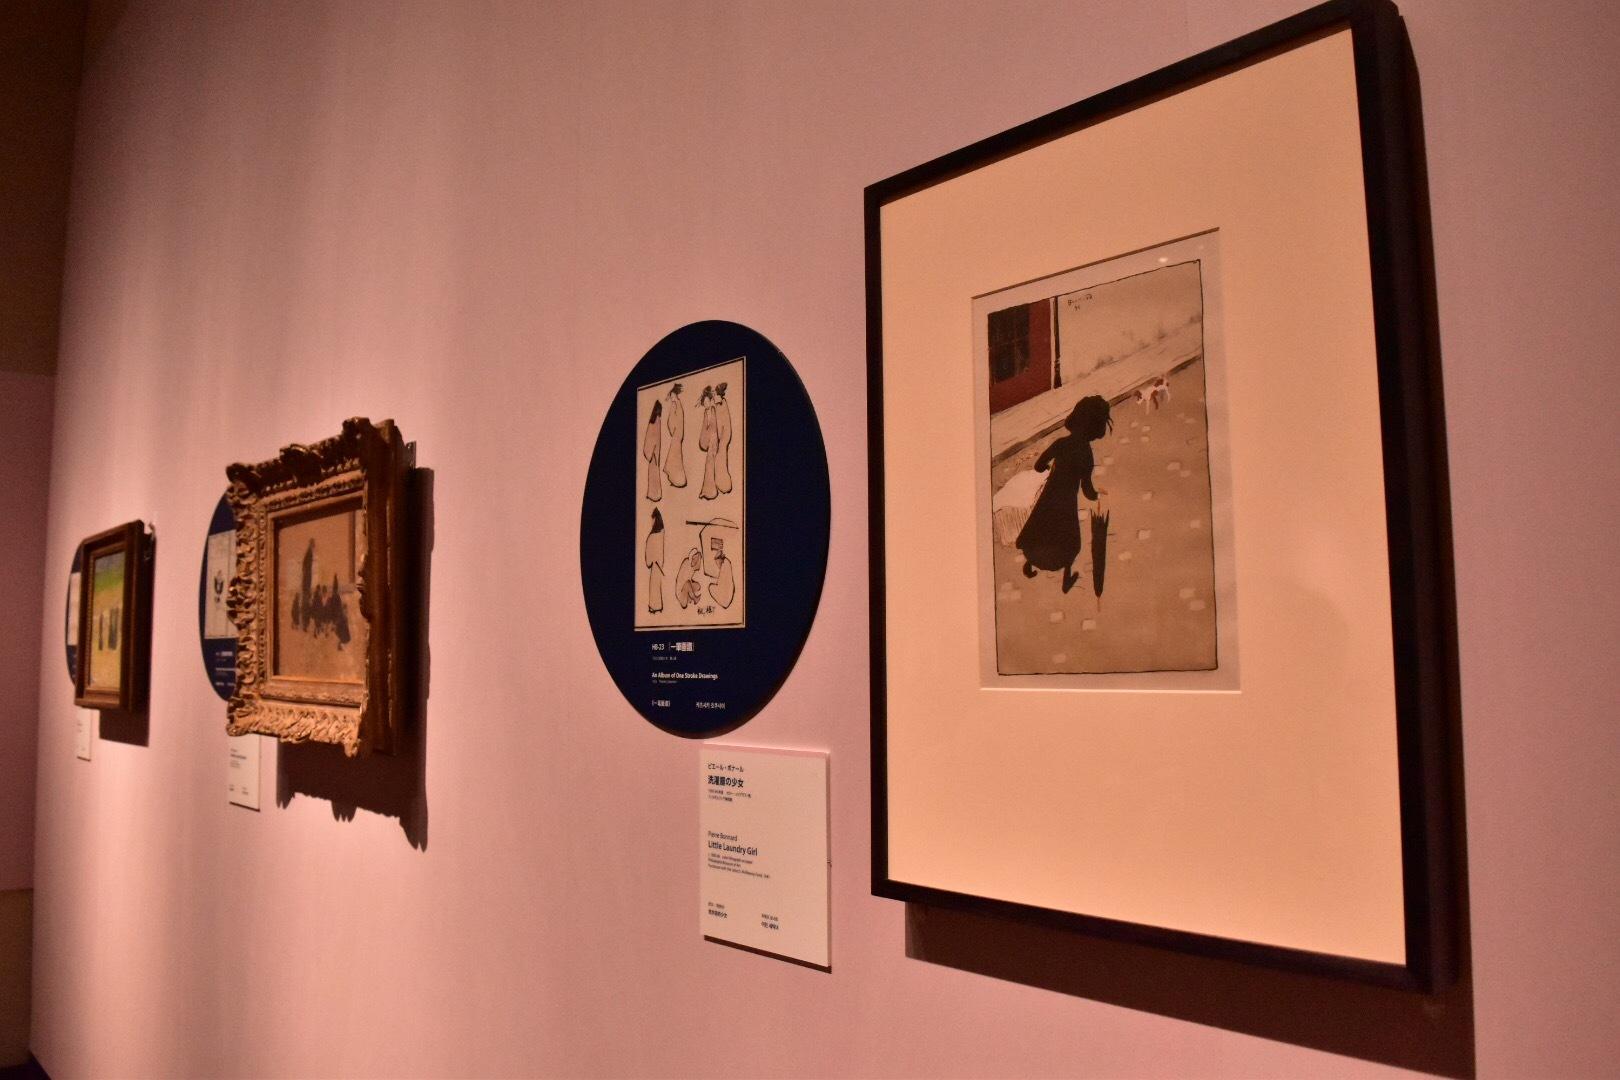 右手前から:ピエール・ボナール《洗濯屋の少女》1895-96年頃 フィラデルフィア美術館、 葛飾北斎『一筆画譜』1823(文政6)年 個人蔵